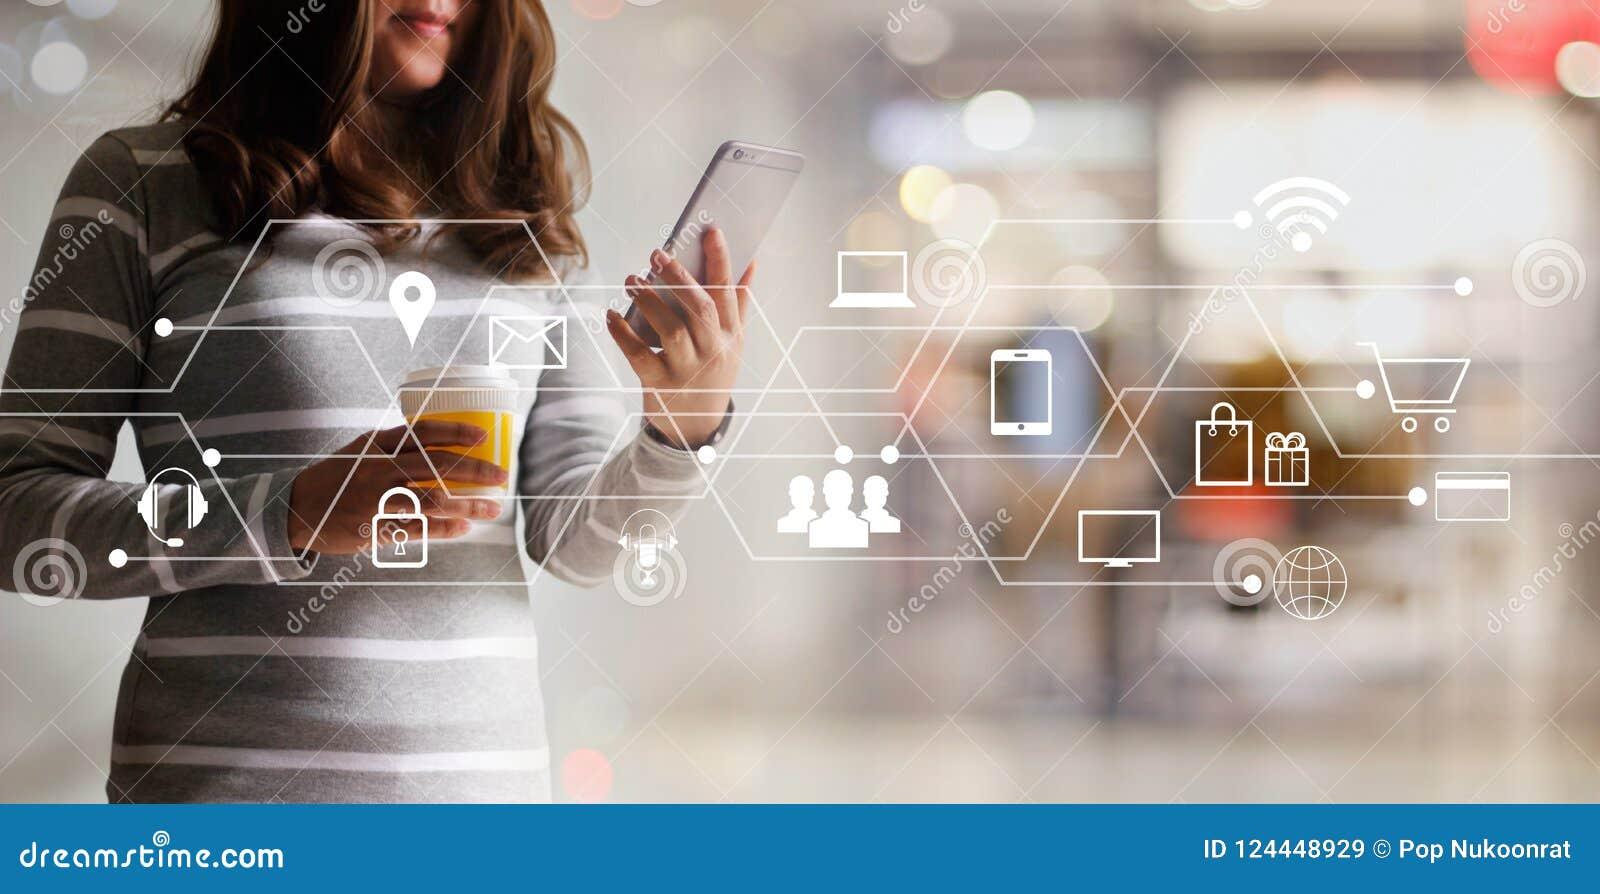 使用流动付款网上购物和象顾客网络连接的妇女 数字式营销、m银行业务和omni渠道